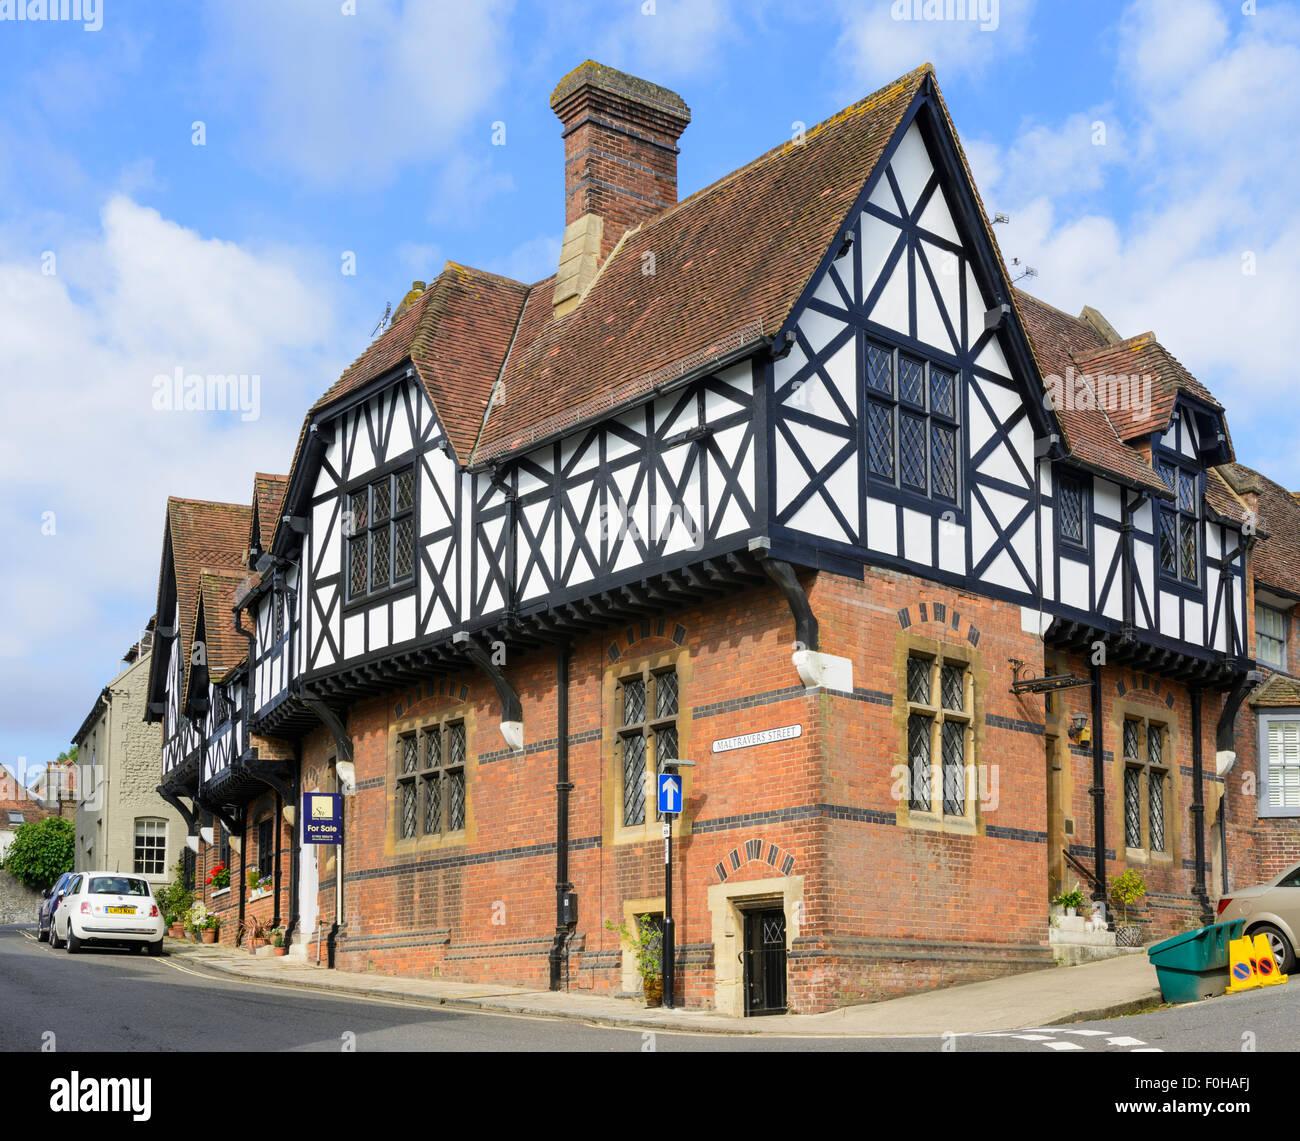 Maison de style tudor simulé dans la ville médiévale darundel west sussex